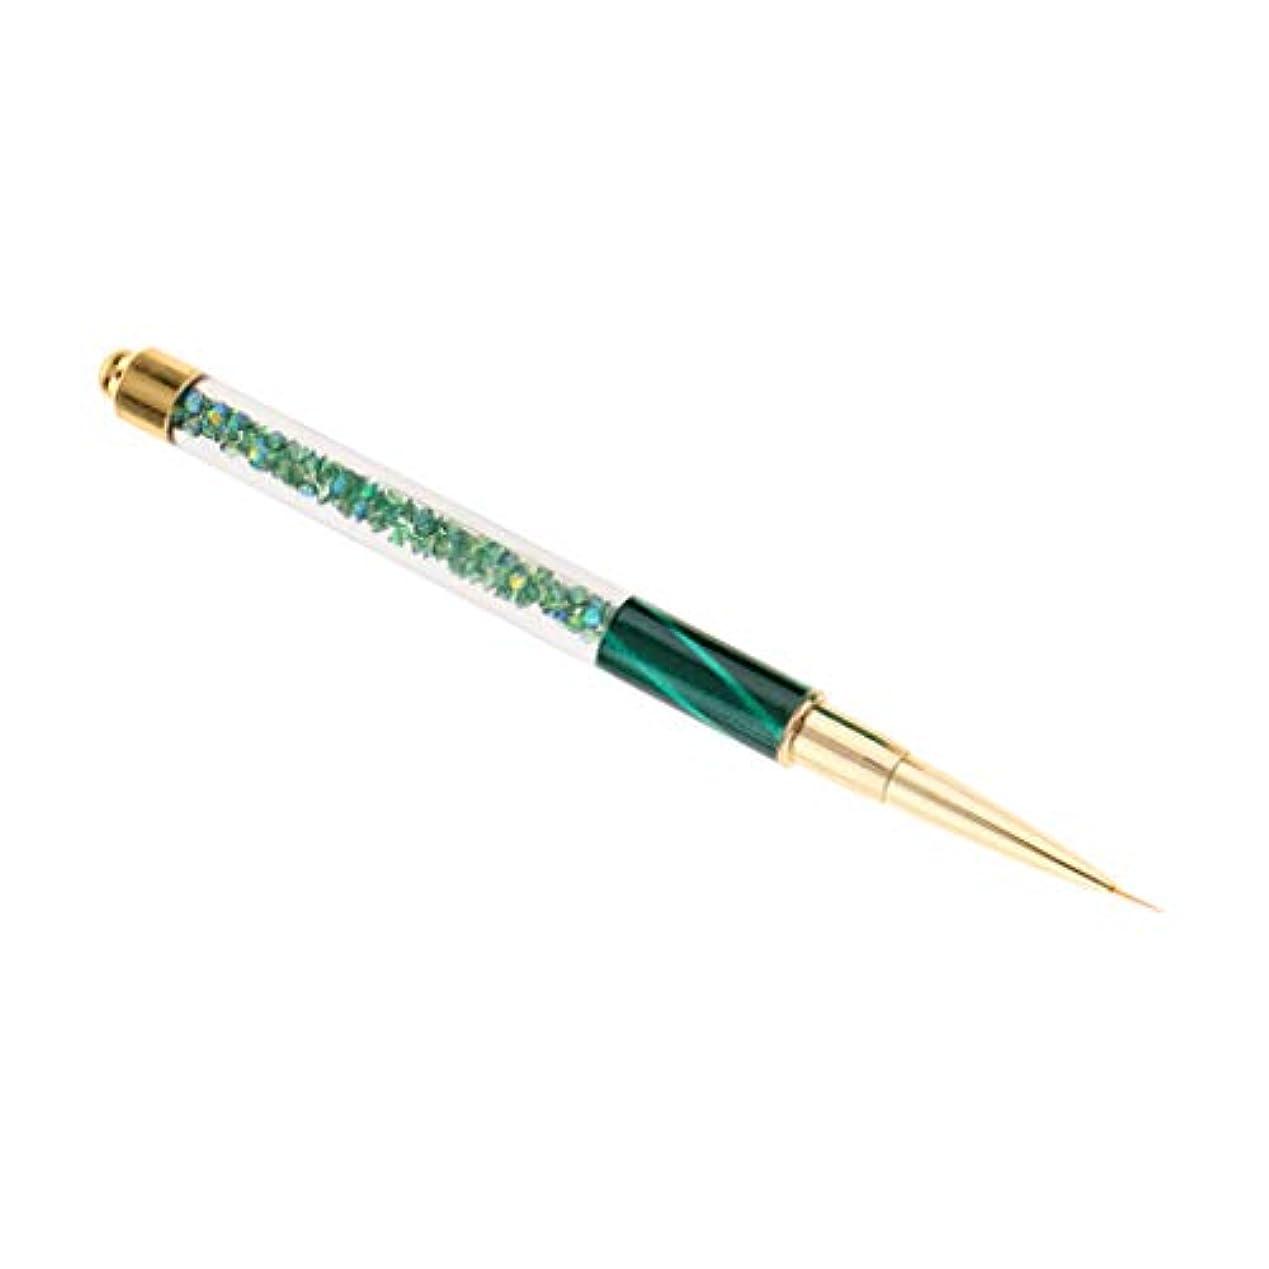 特定のについて感謝しているプロのネイルアートブラシUVジェルポリッシュドローライナーペインティングデザインペン - 濃い緑色